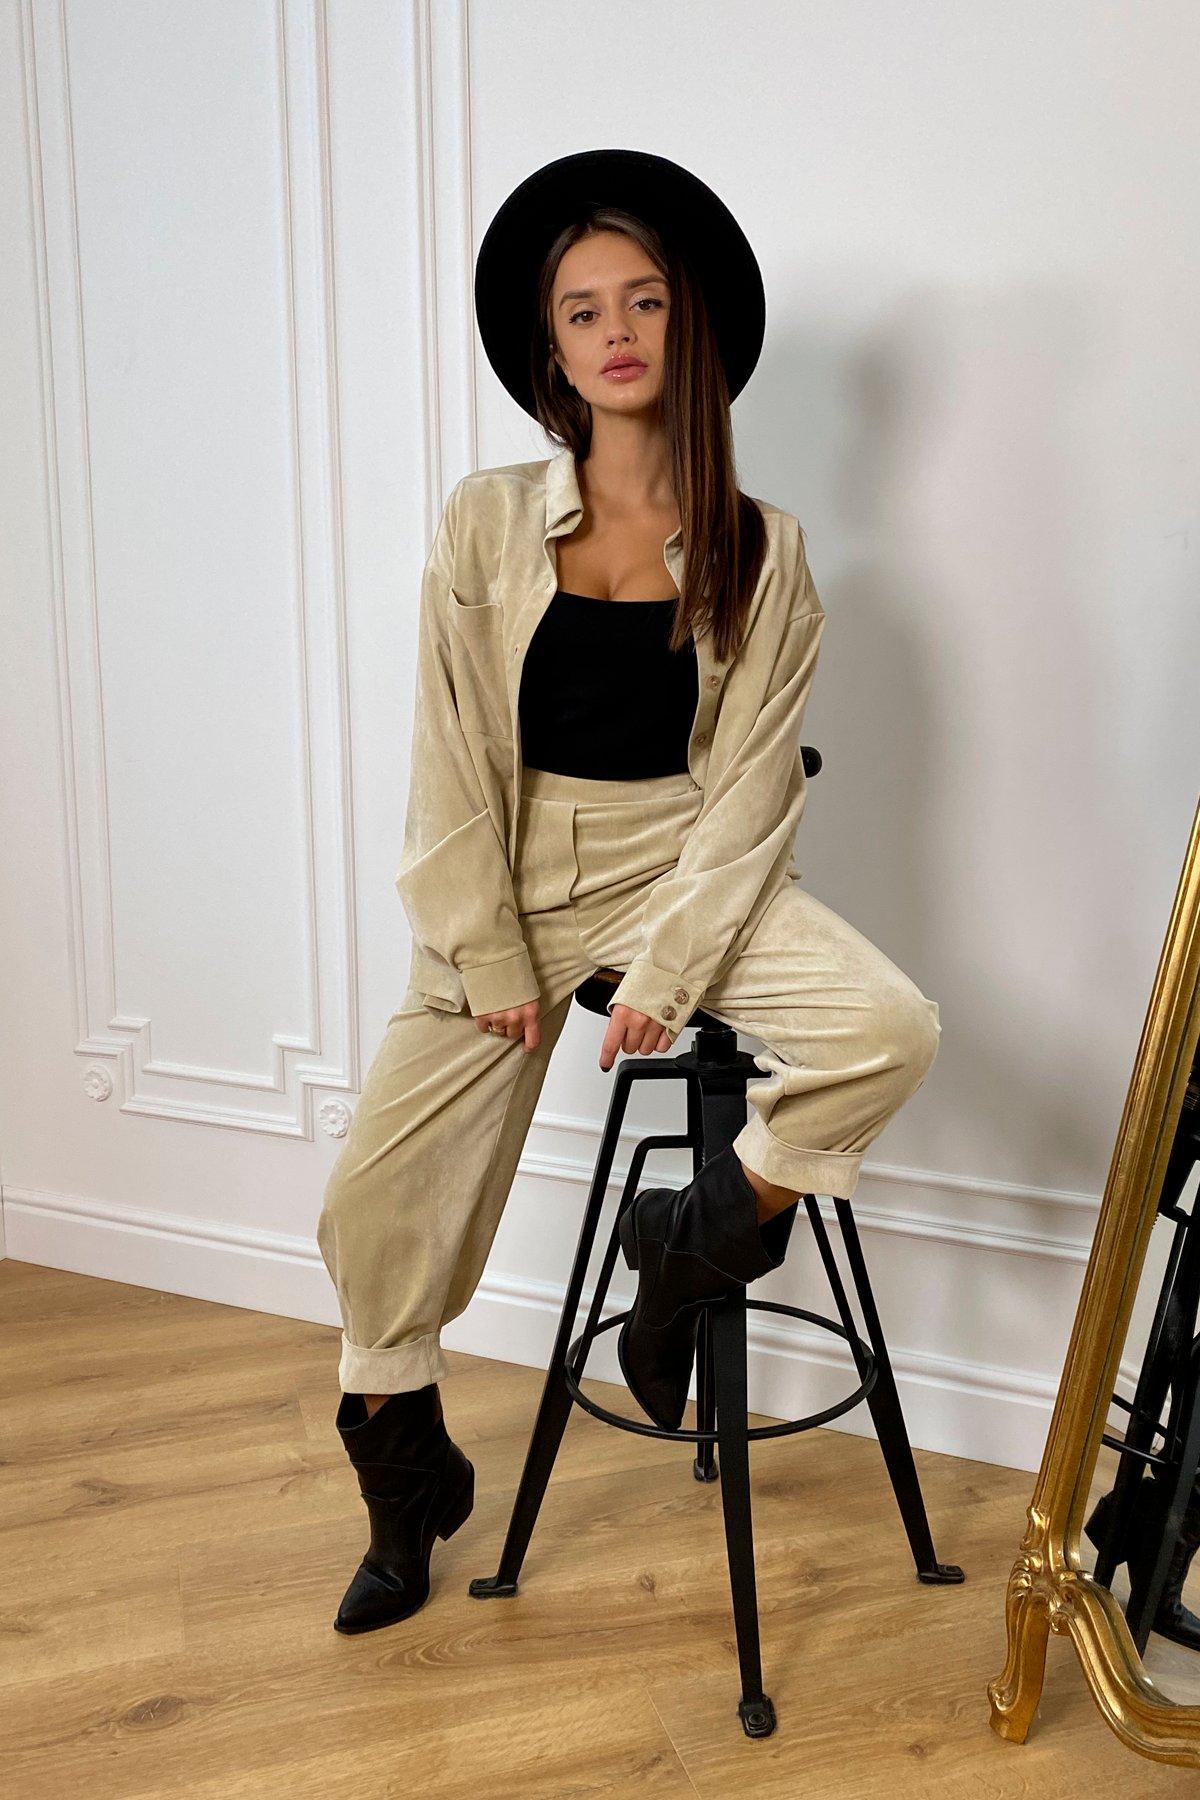 Браво микровельвет костюм 9695 АРТ. 46154 Цвет: Бежевый - фото 1, интернет магазин tm-modus.ru